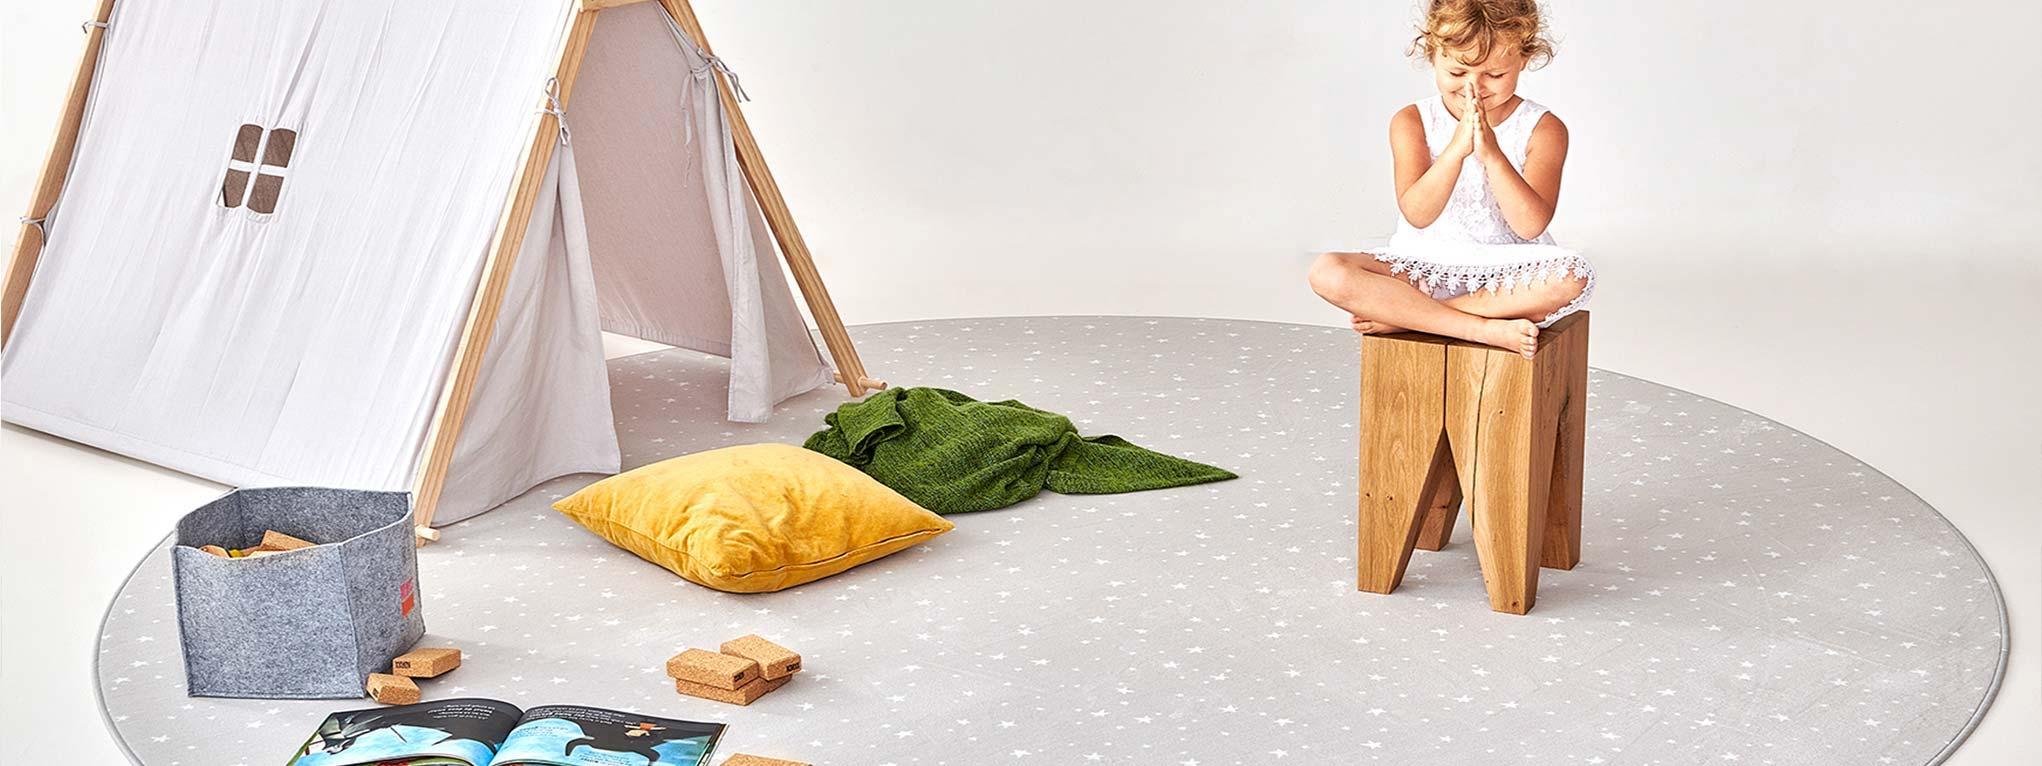 Full Size of Kinderzimmerteppich Bei Teppichscheune Gnstig Kaufen Chesterfield Sofa Günstig Schlafzimmer Komplett Küche Mit E Geräten Elektrogeräten Betten 180x200 Kinderzimmer Kinderzimmer Günstig